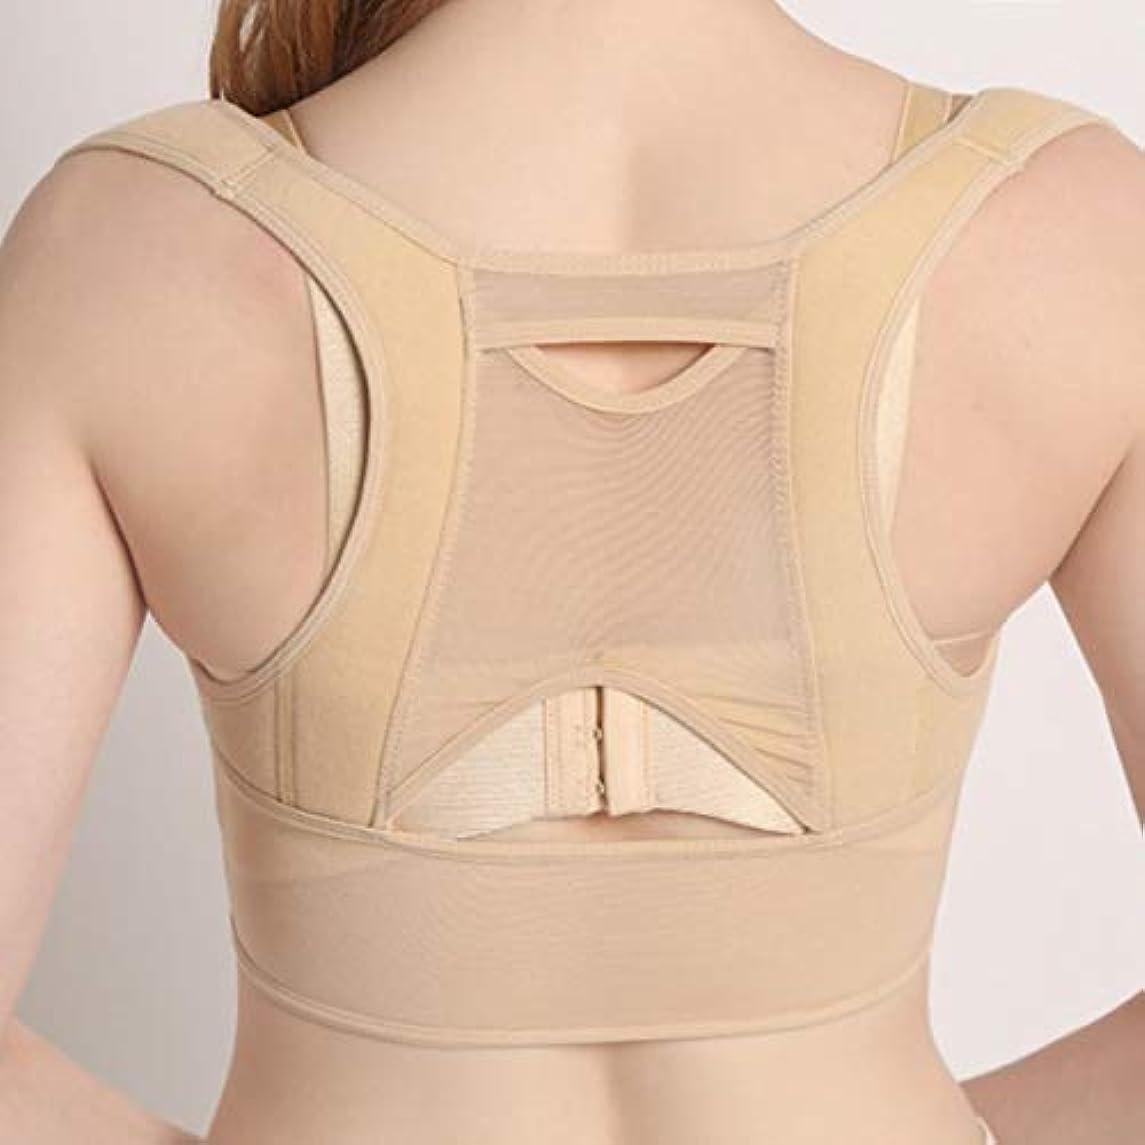 通気性のある女性バック姿勢矯正コルセット整形外科用アッパーバックショルダー脊椎姿勢矯正腰椎サポート - ベージュホワイト